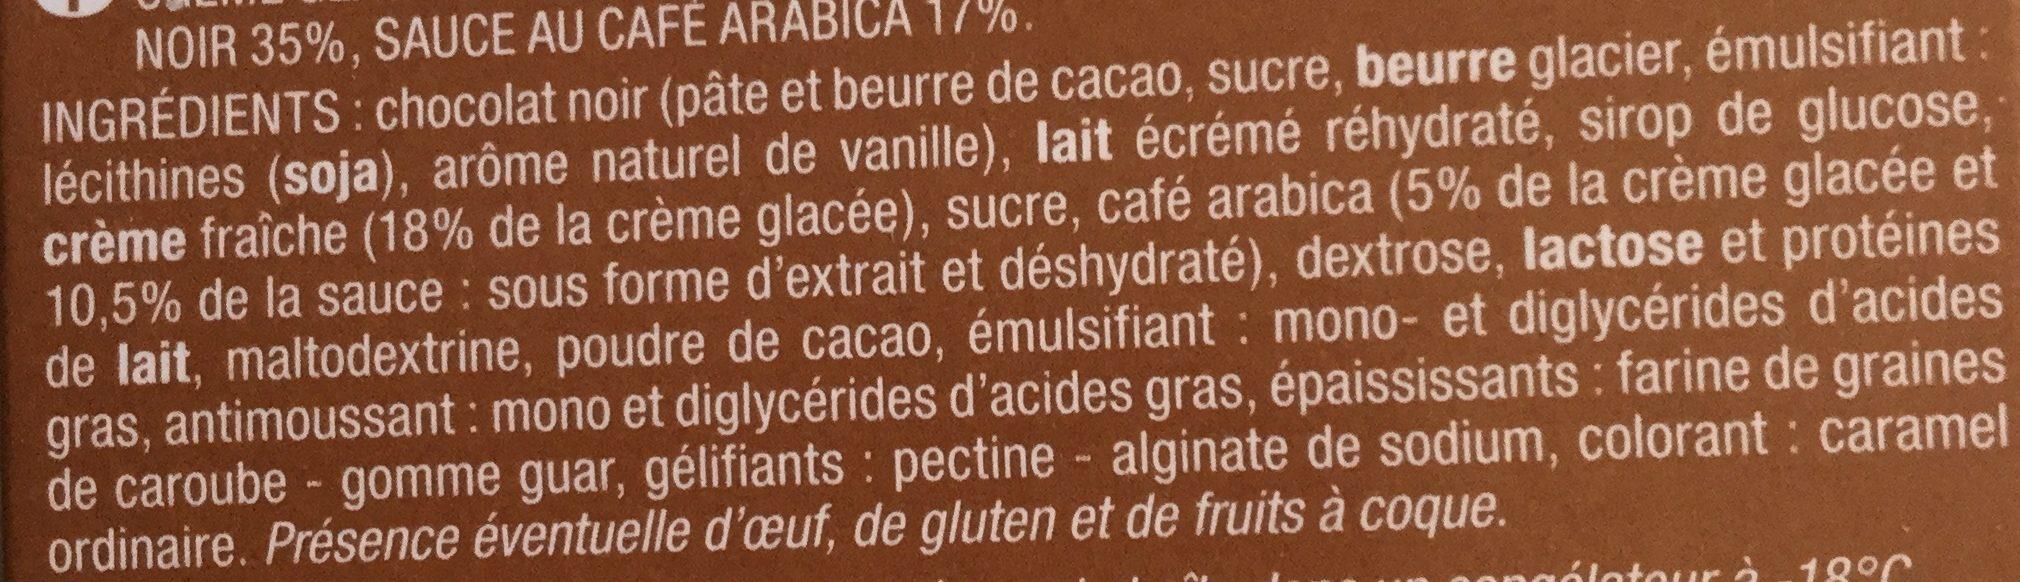 12 rochers glacés Café Arabica - Ingrédients